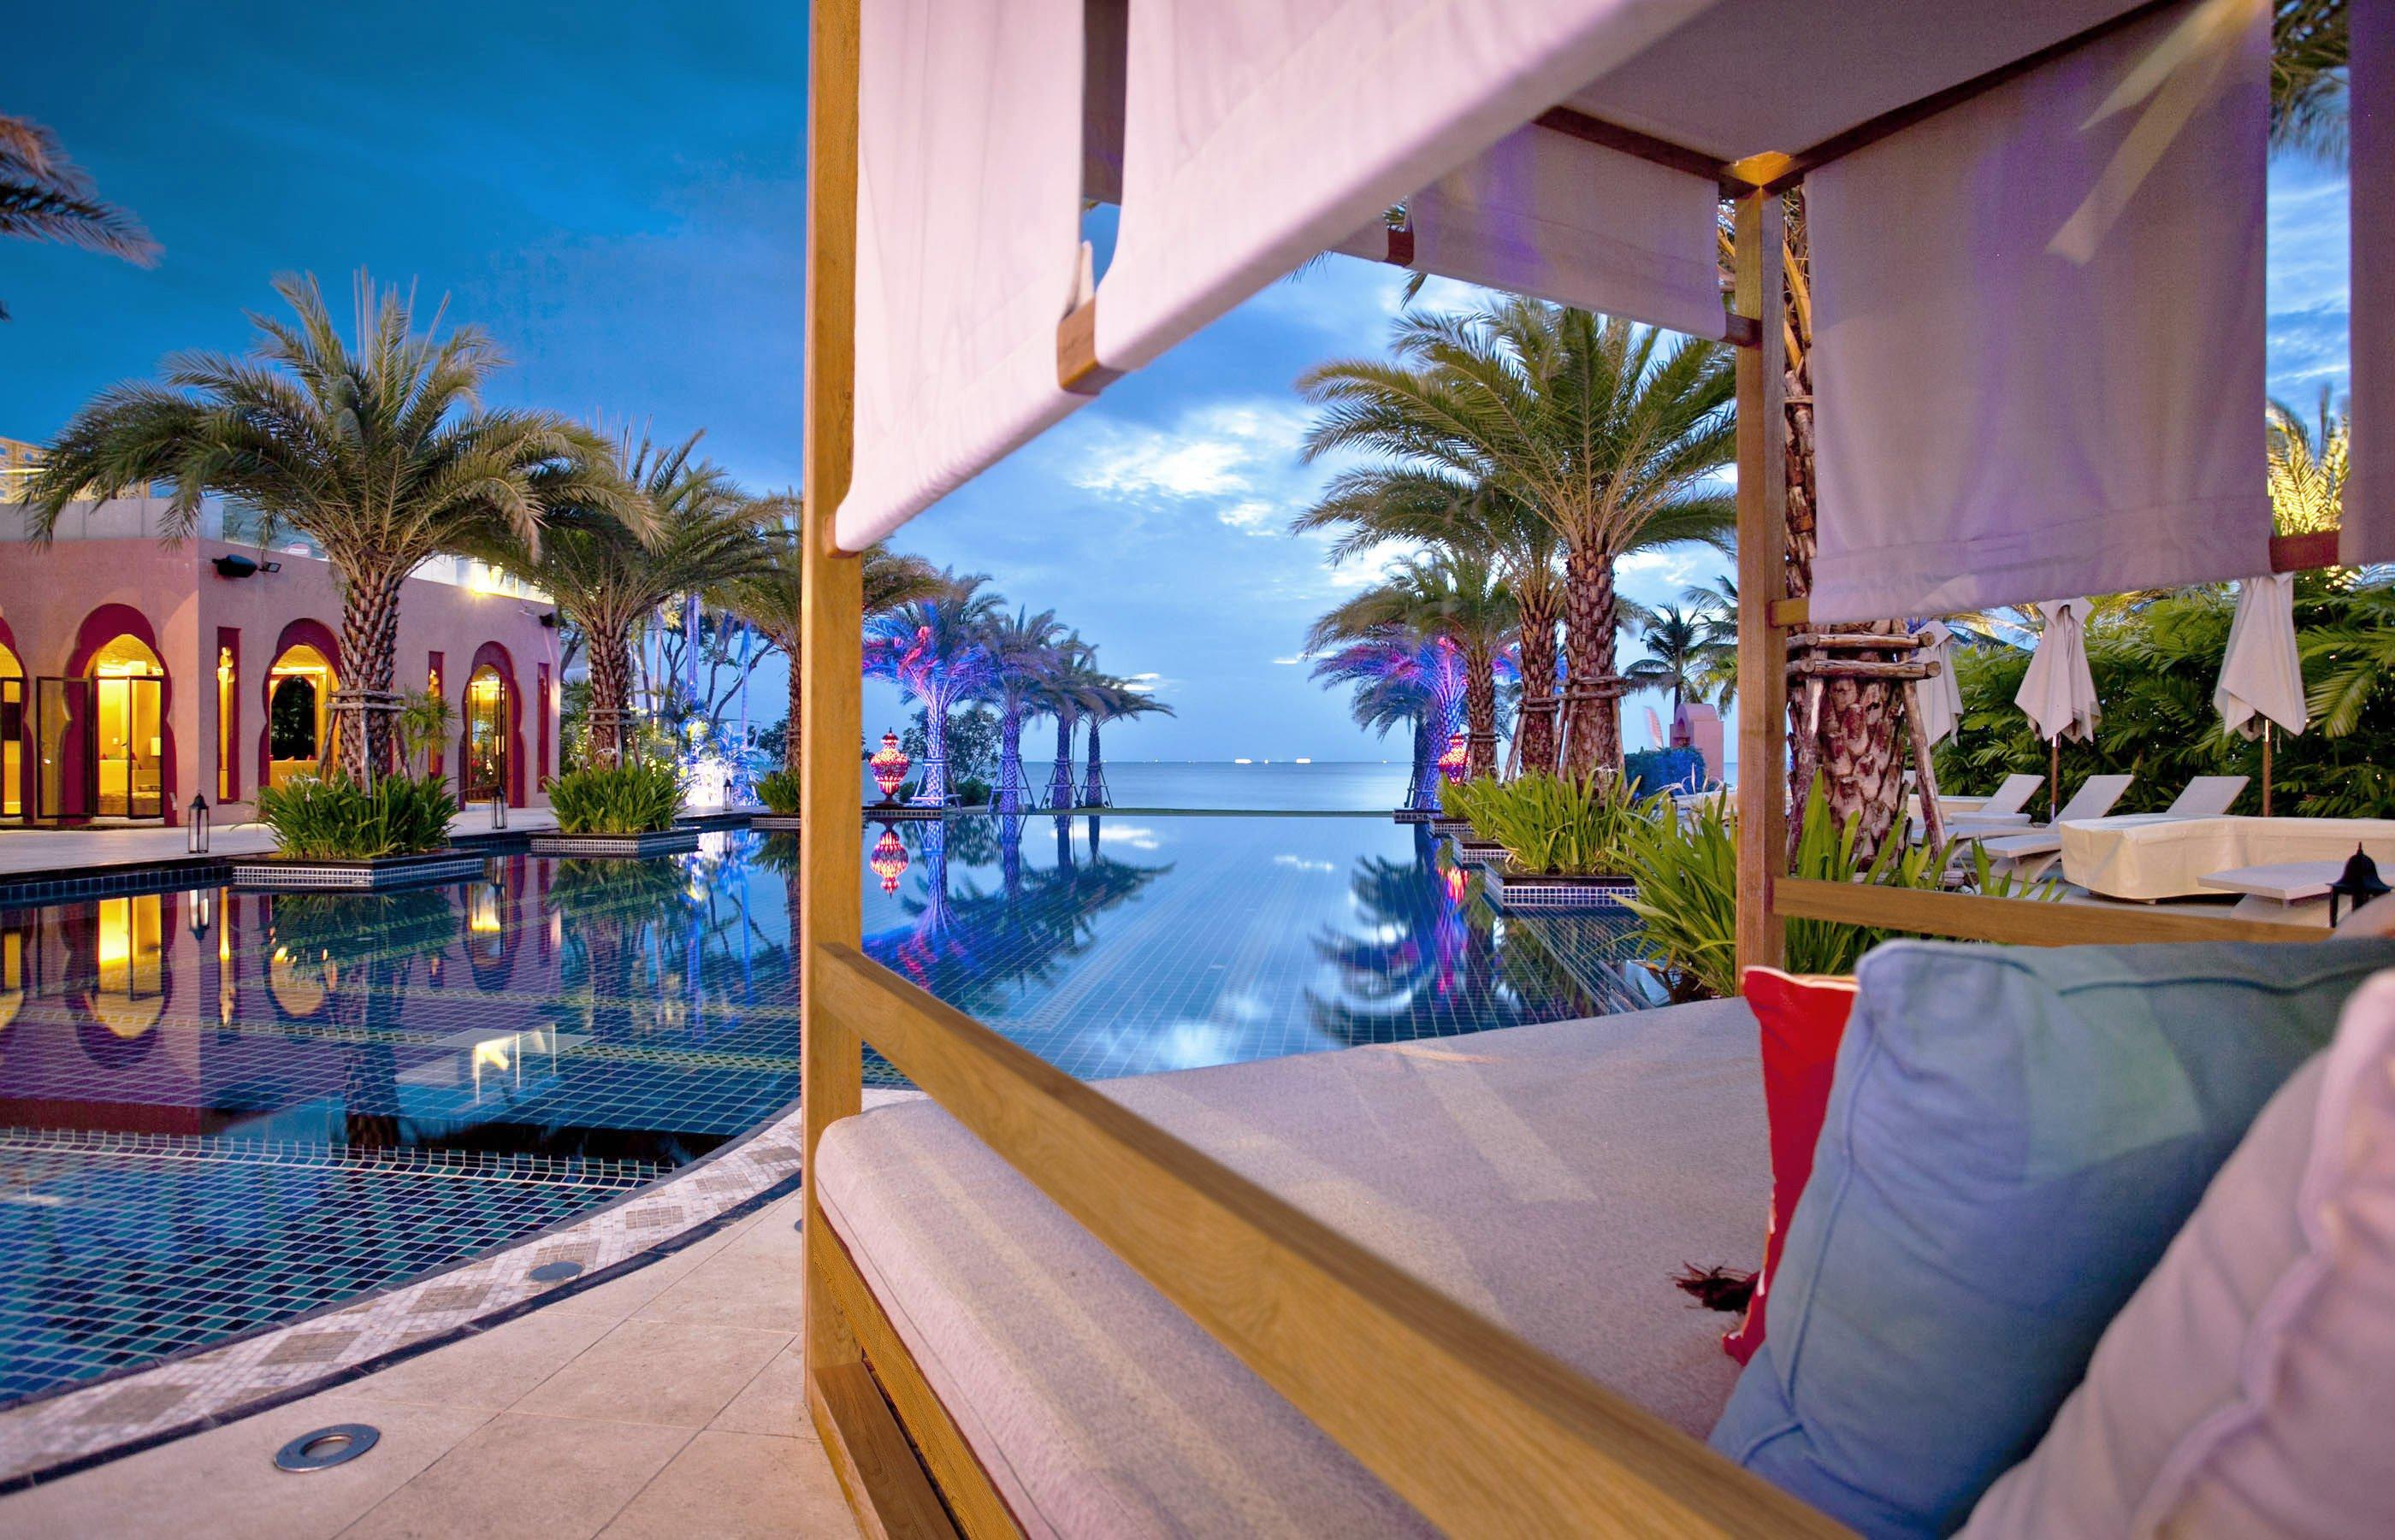 Marrakesh-Hua-Hin-Resort-_-Spa_Swimming-Pool-(5)_edit.jpg